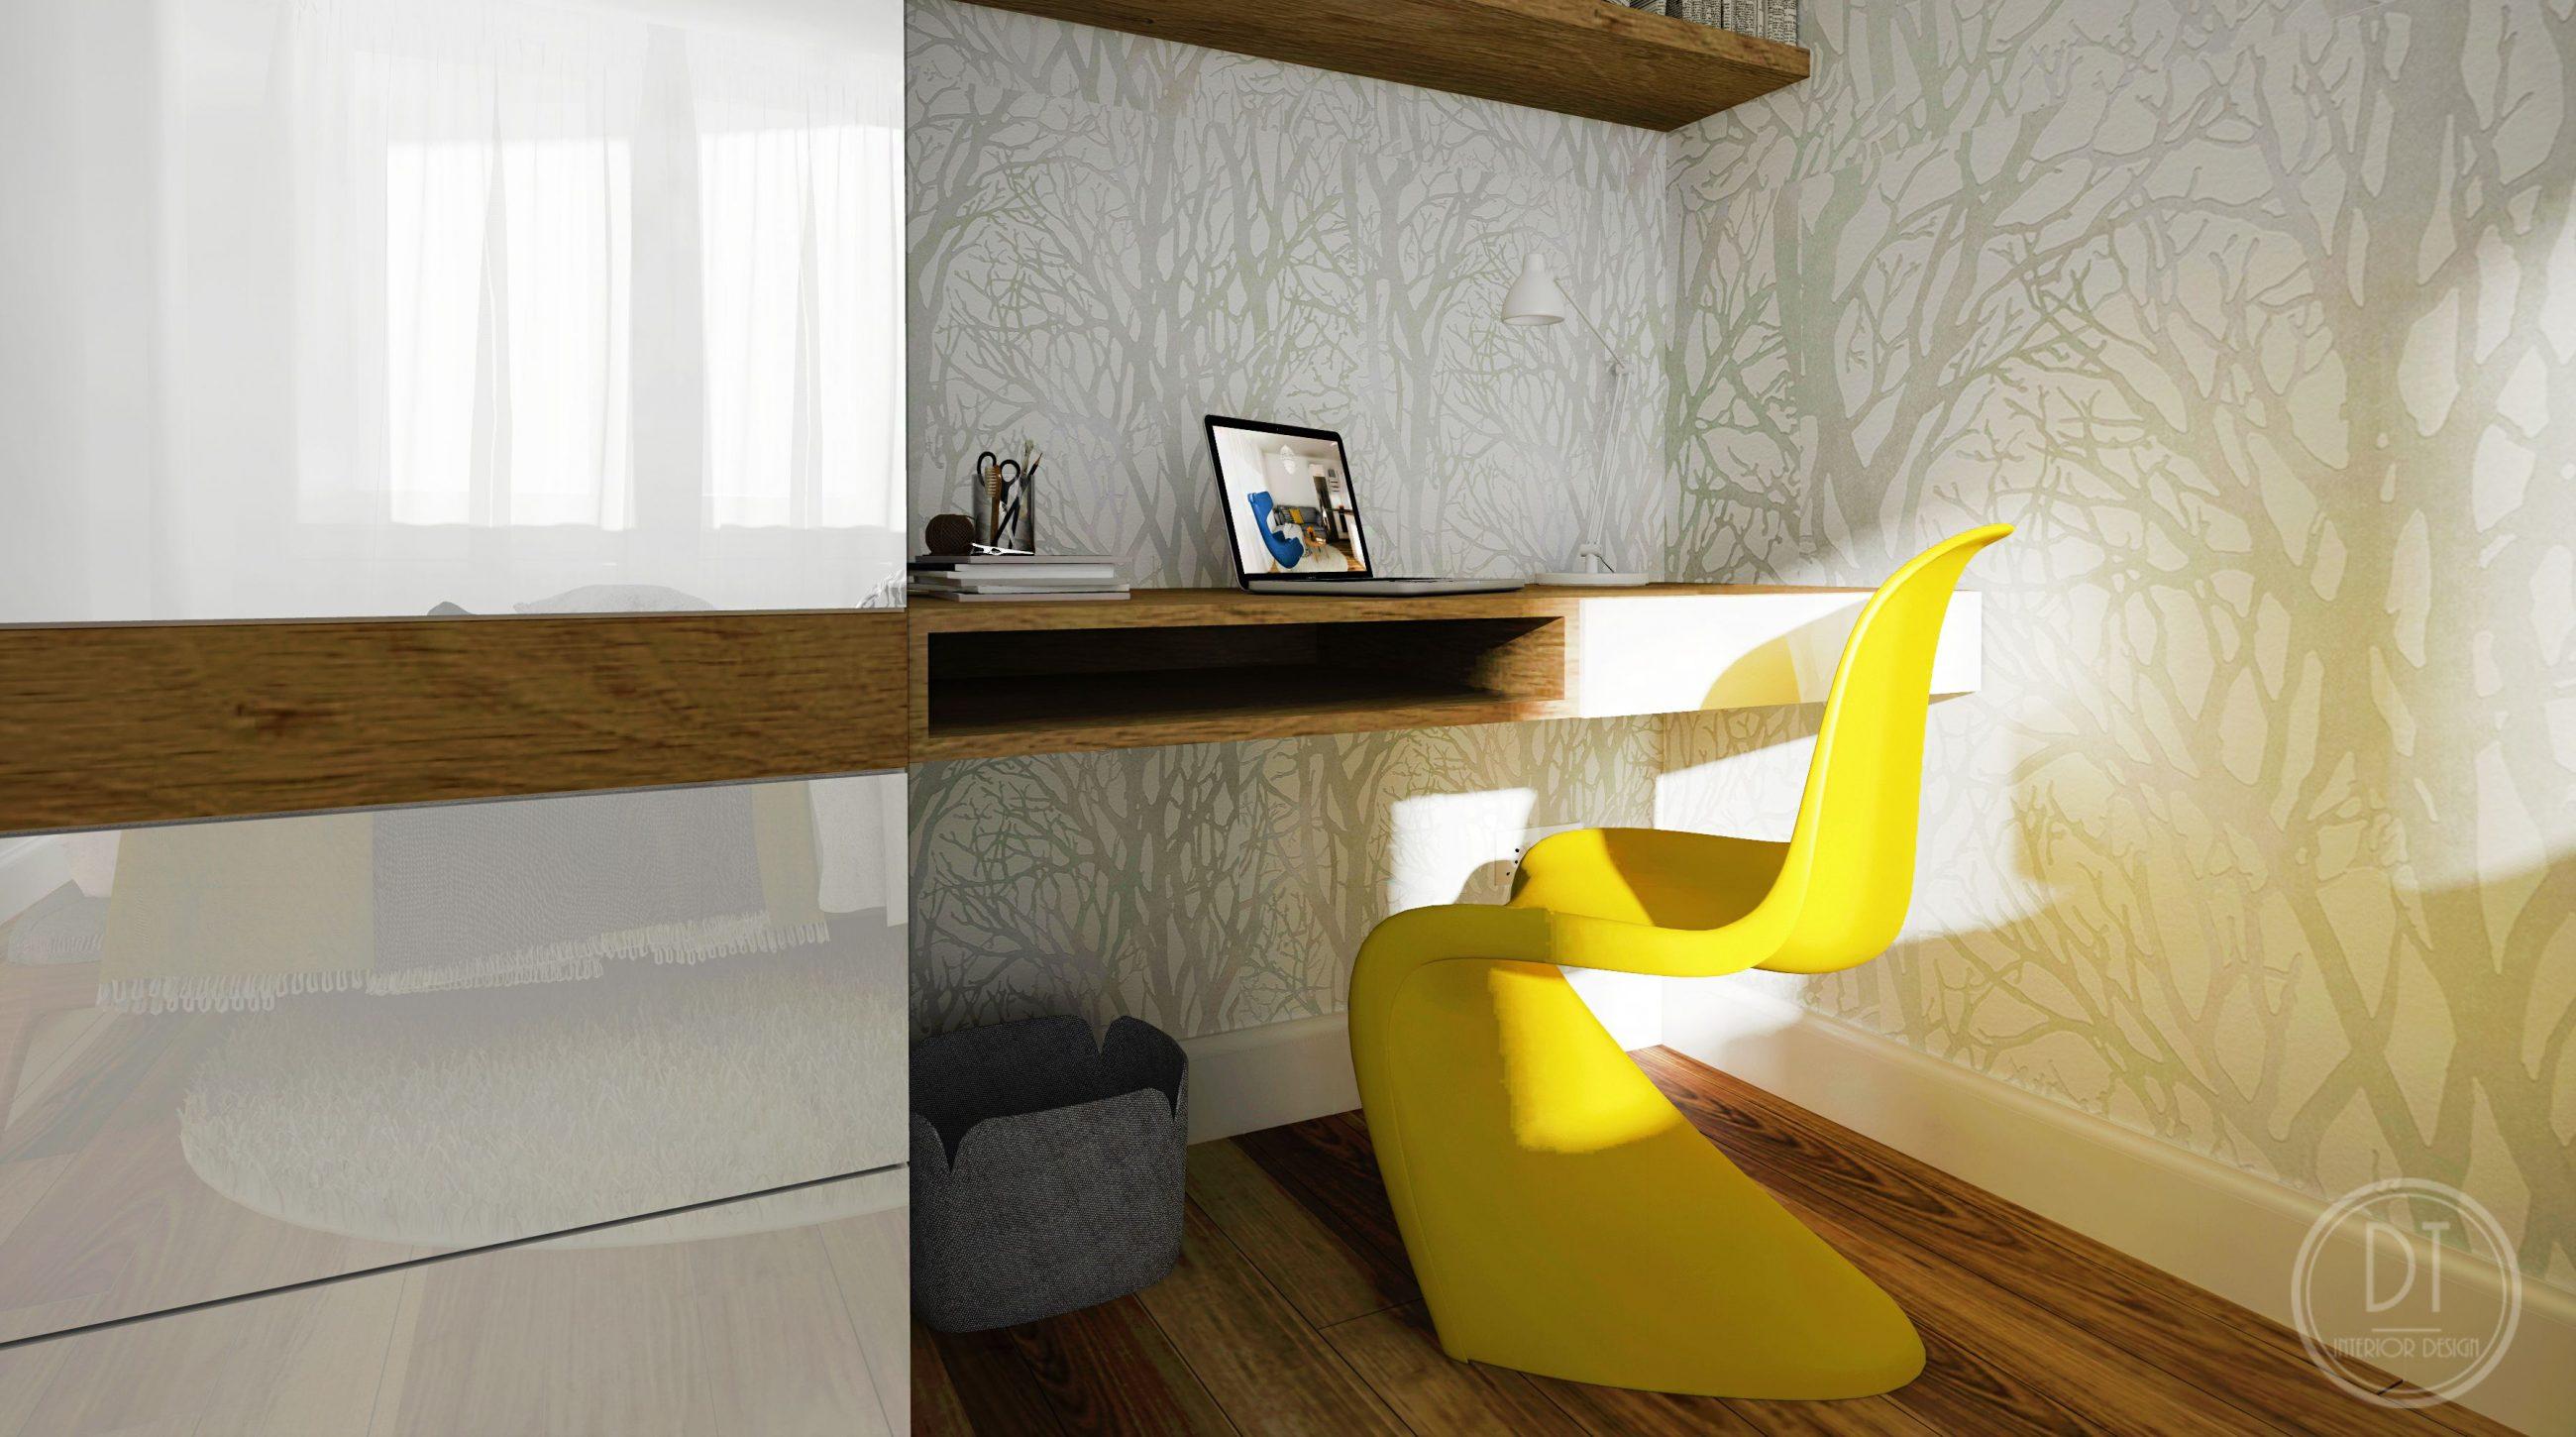 Každý interiér si zaslúži byť výnimočný. - DT Interior Design